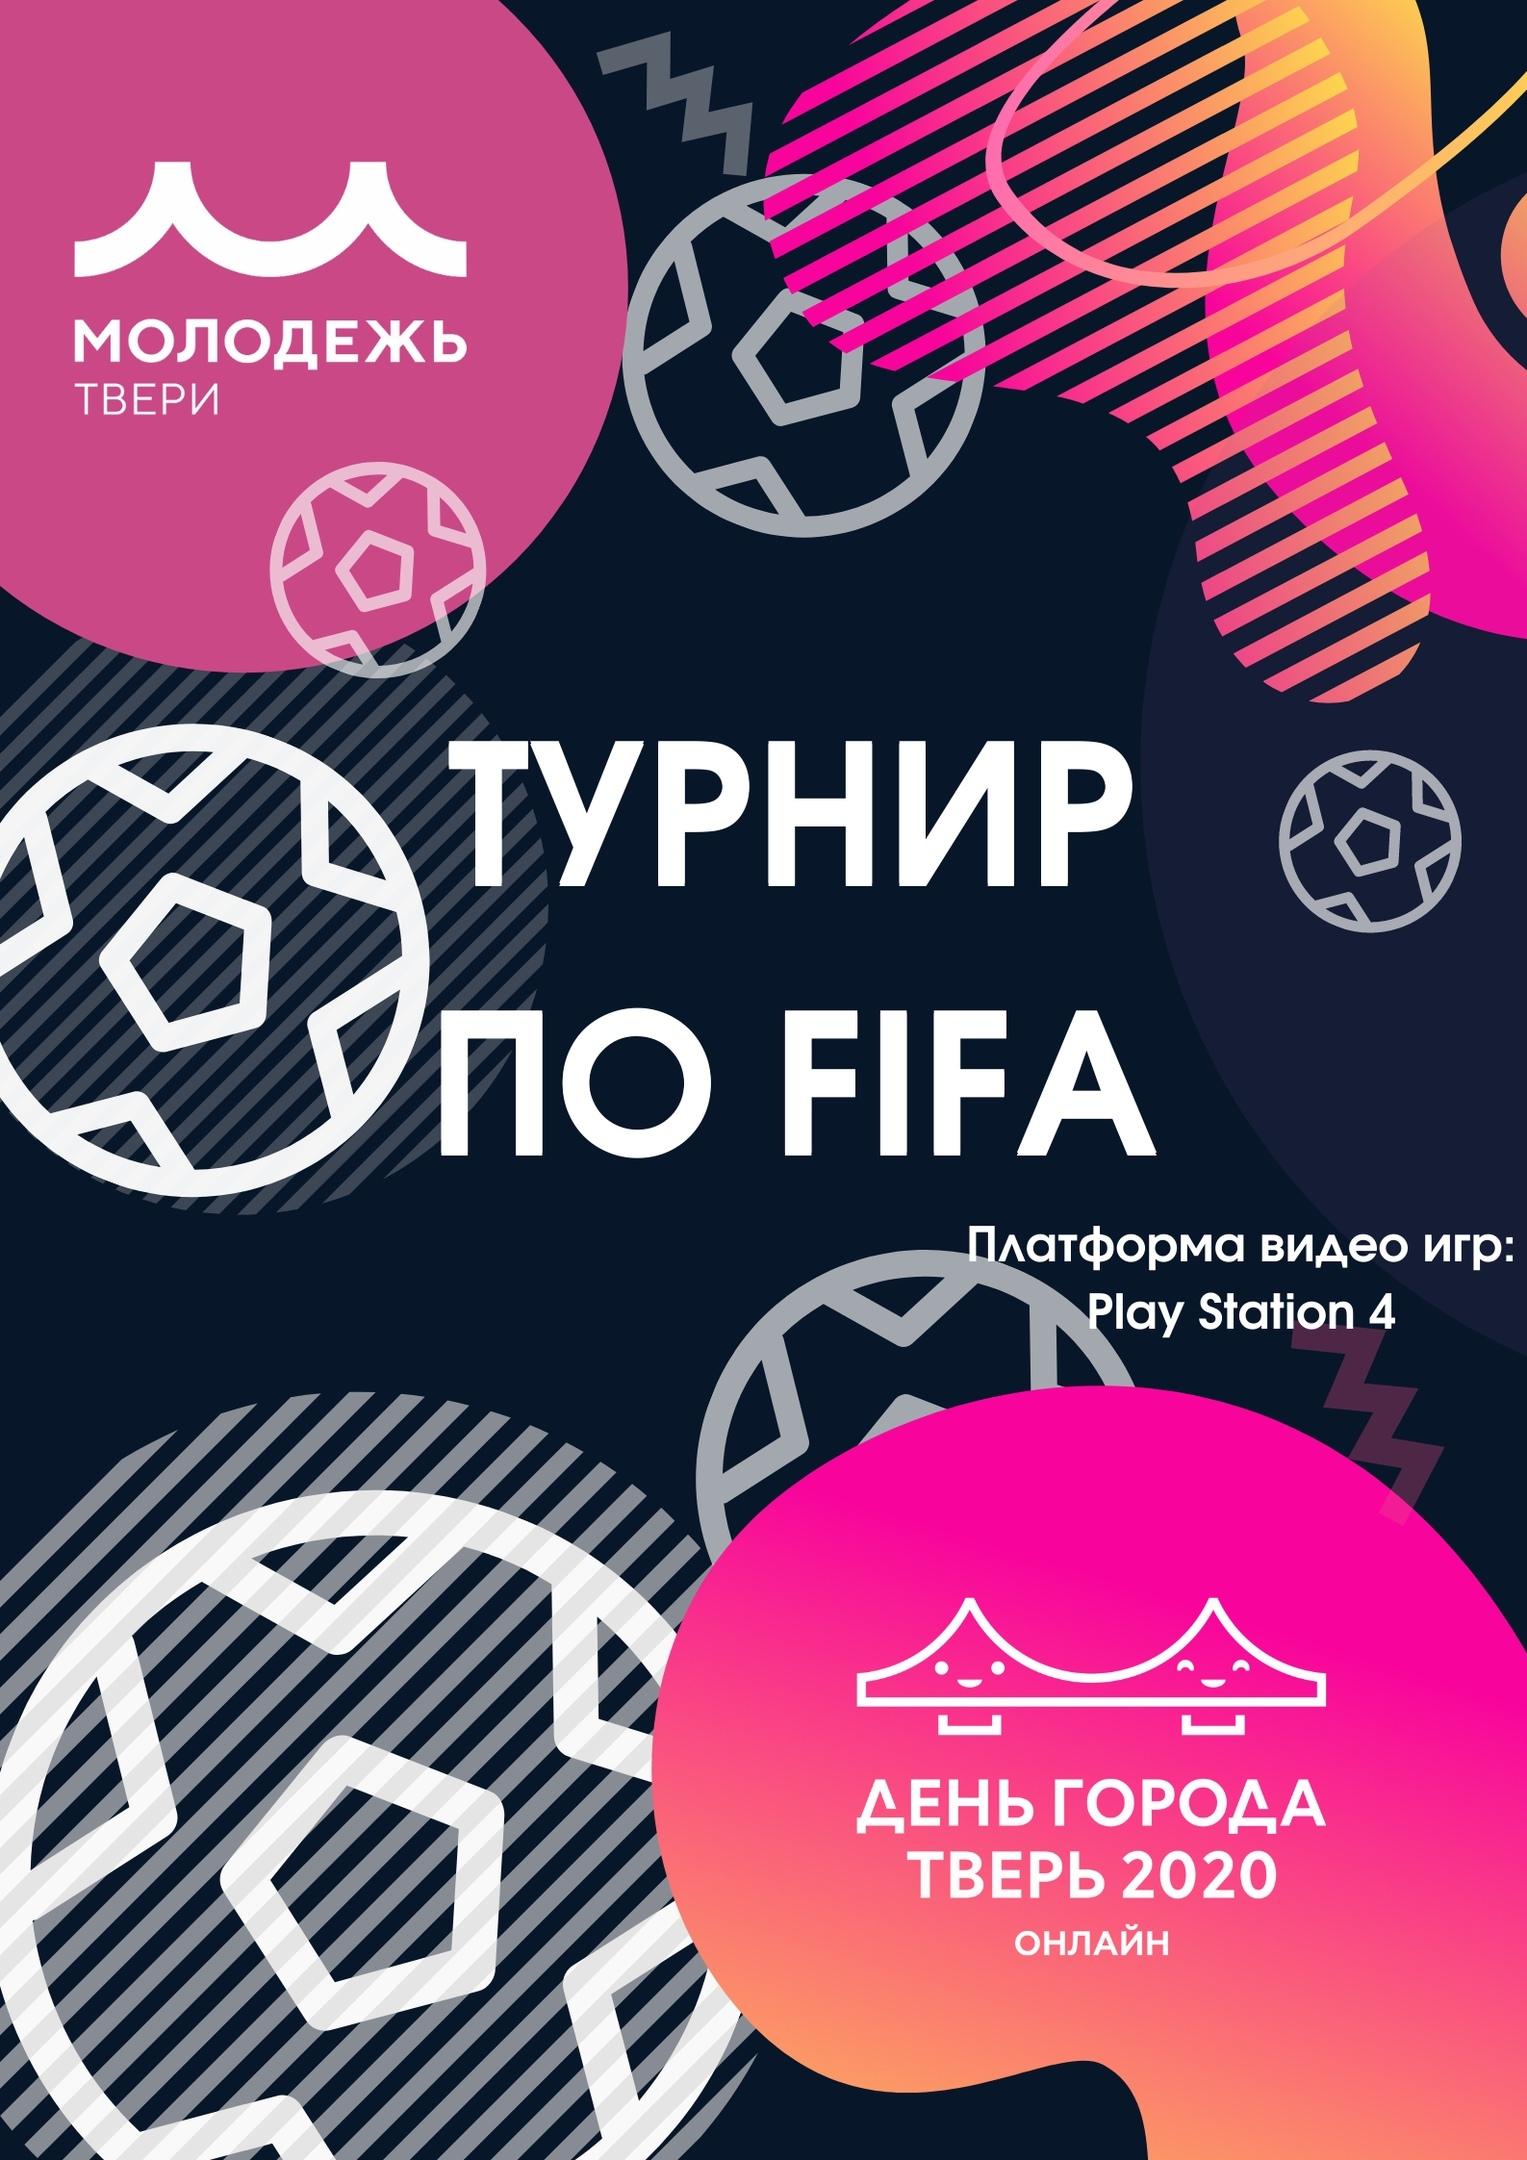 Геймеры Тверской области сразятся в FIFA2020 и Dota 2 за звание лучшего игрока